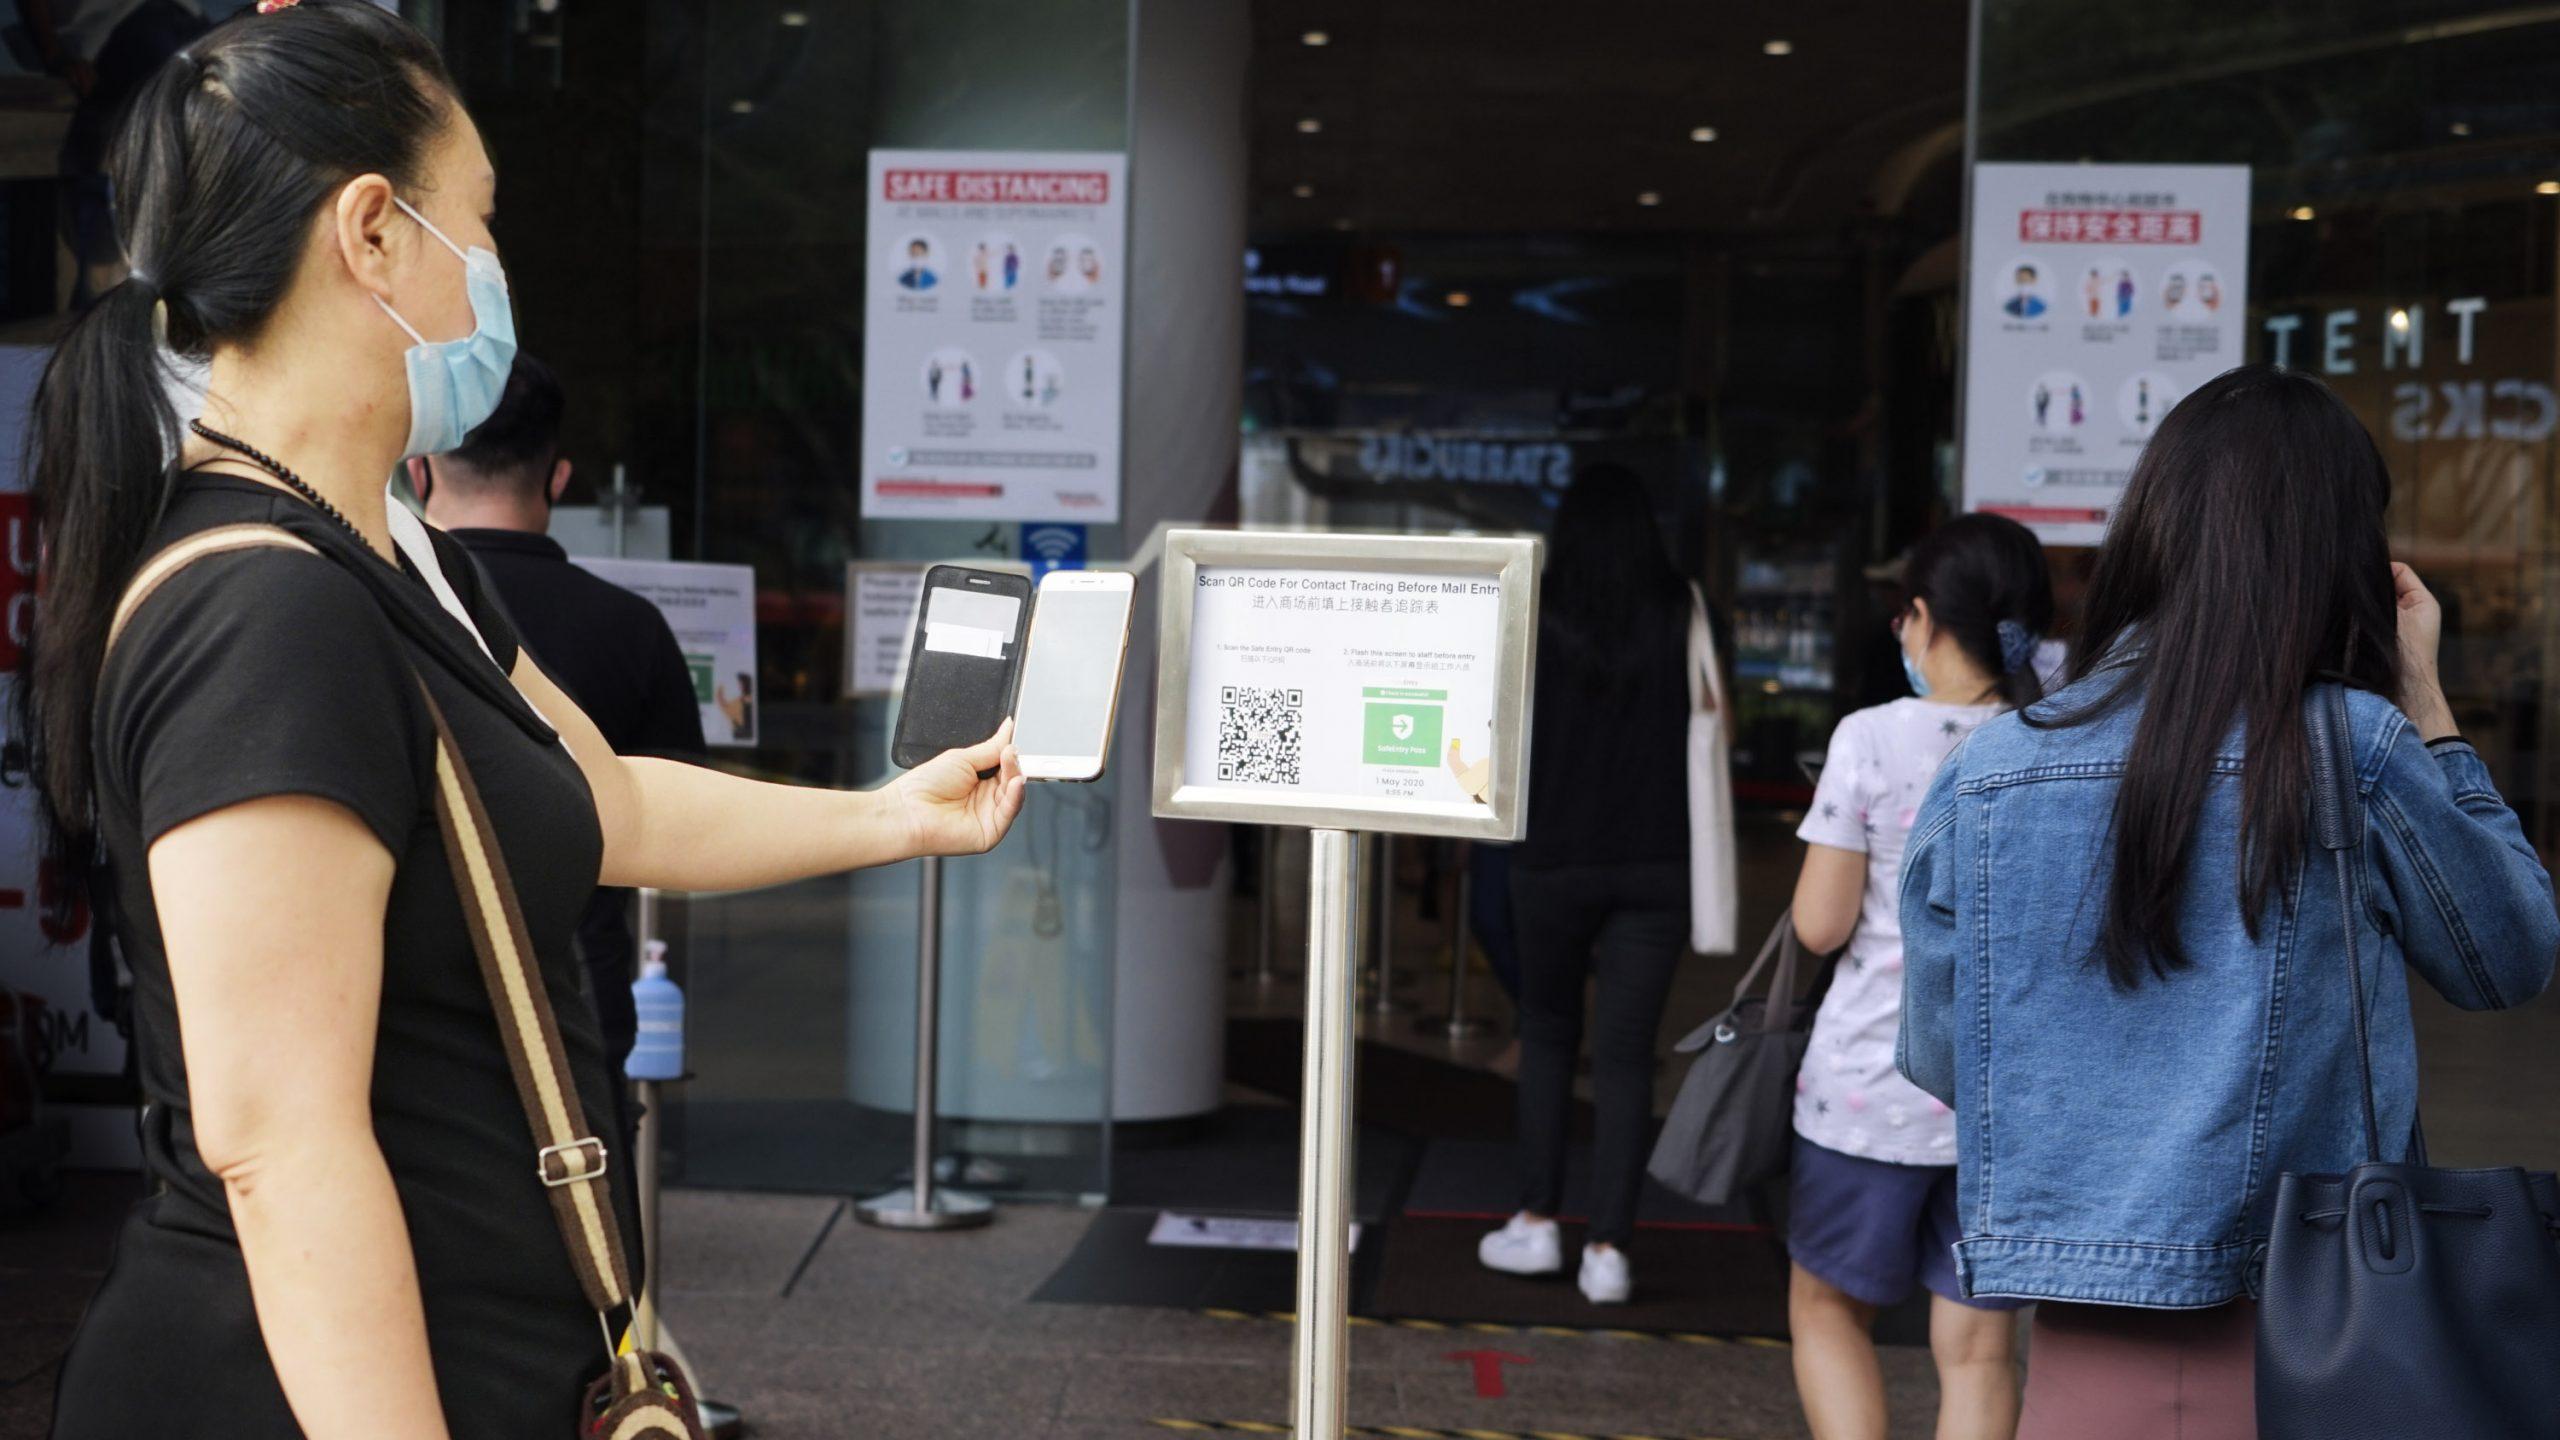 接触追跡アプリ8割普及のシンガポール、目的外利用で揺らぐ信頼